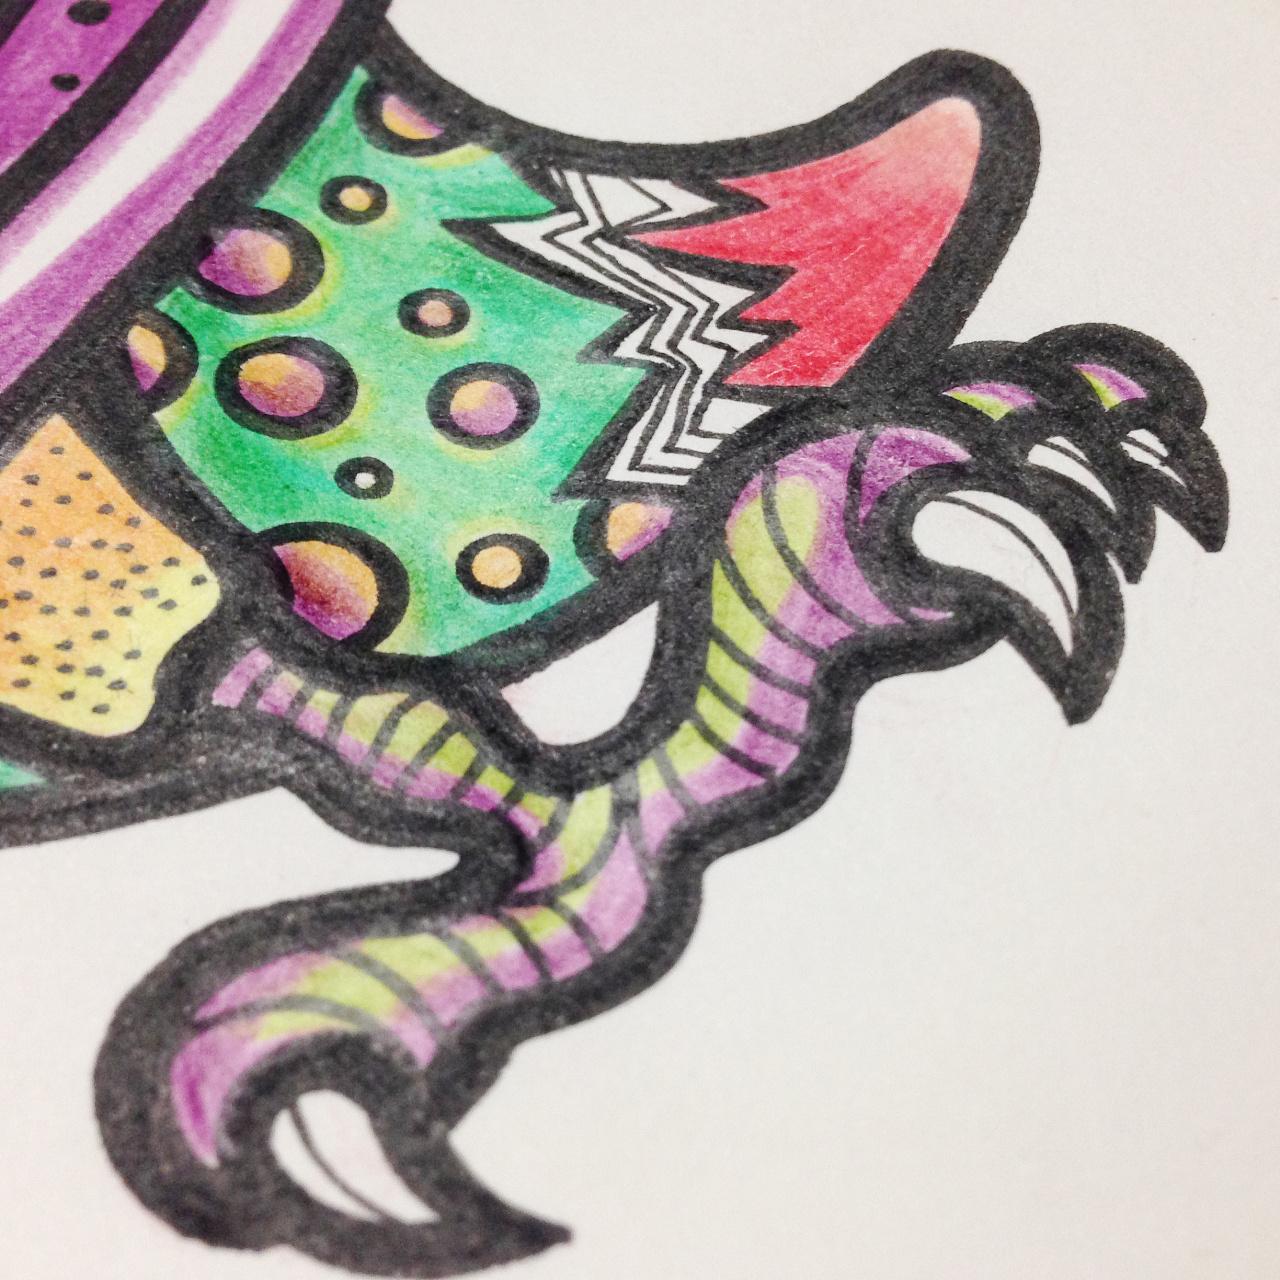 手绘涂鸦插画稿 彩色的大嘴鸟 涂鸦插画